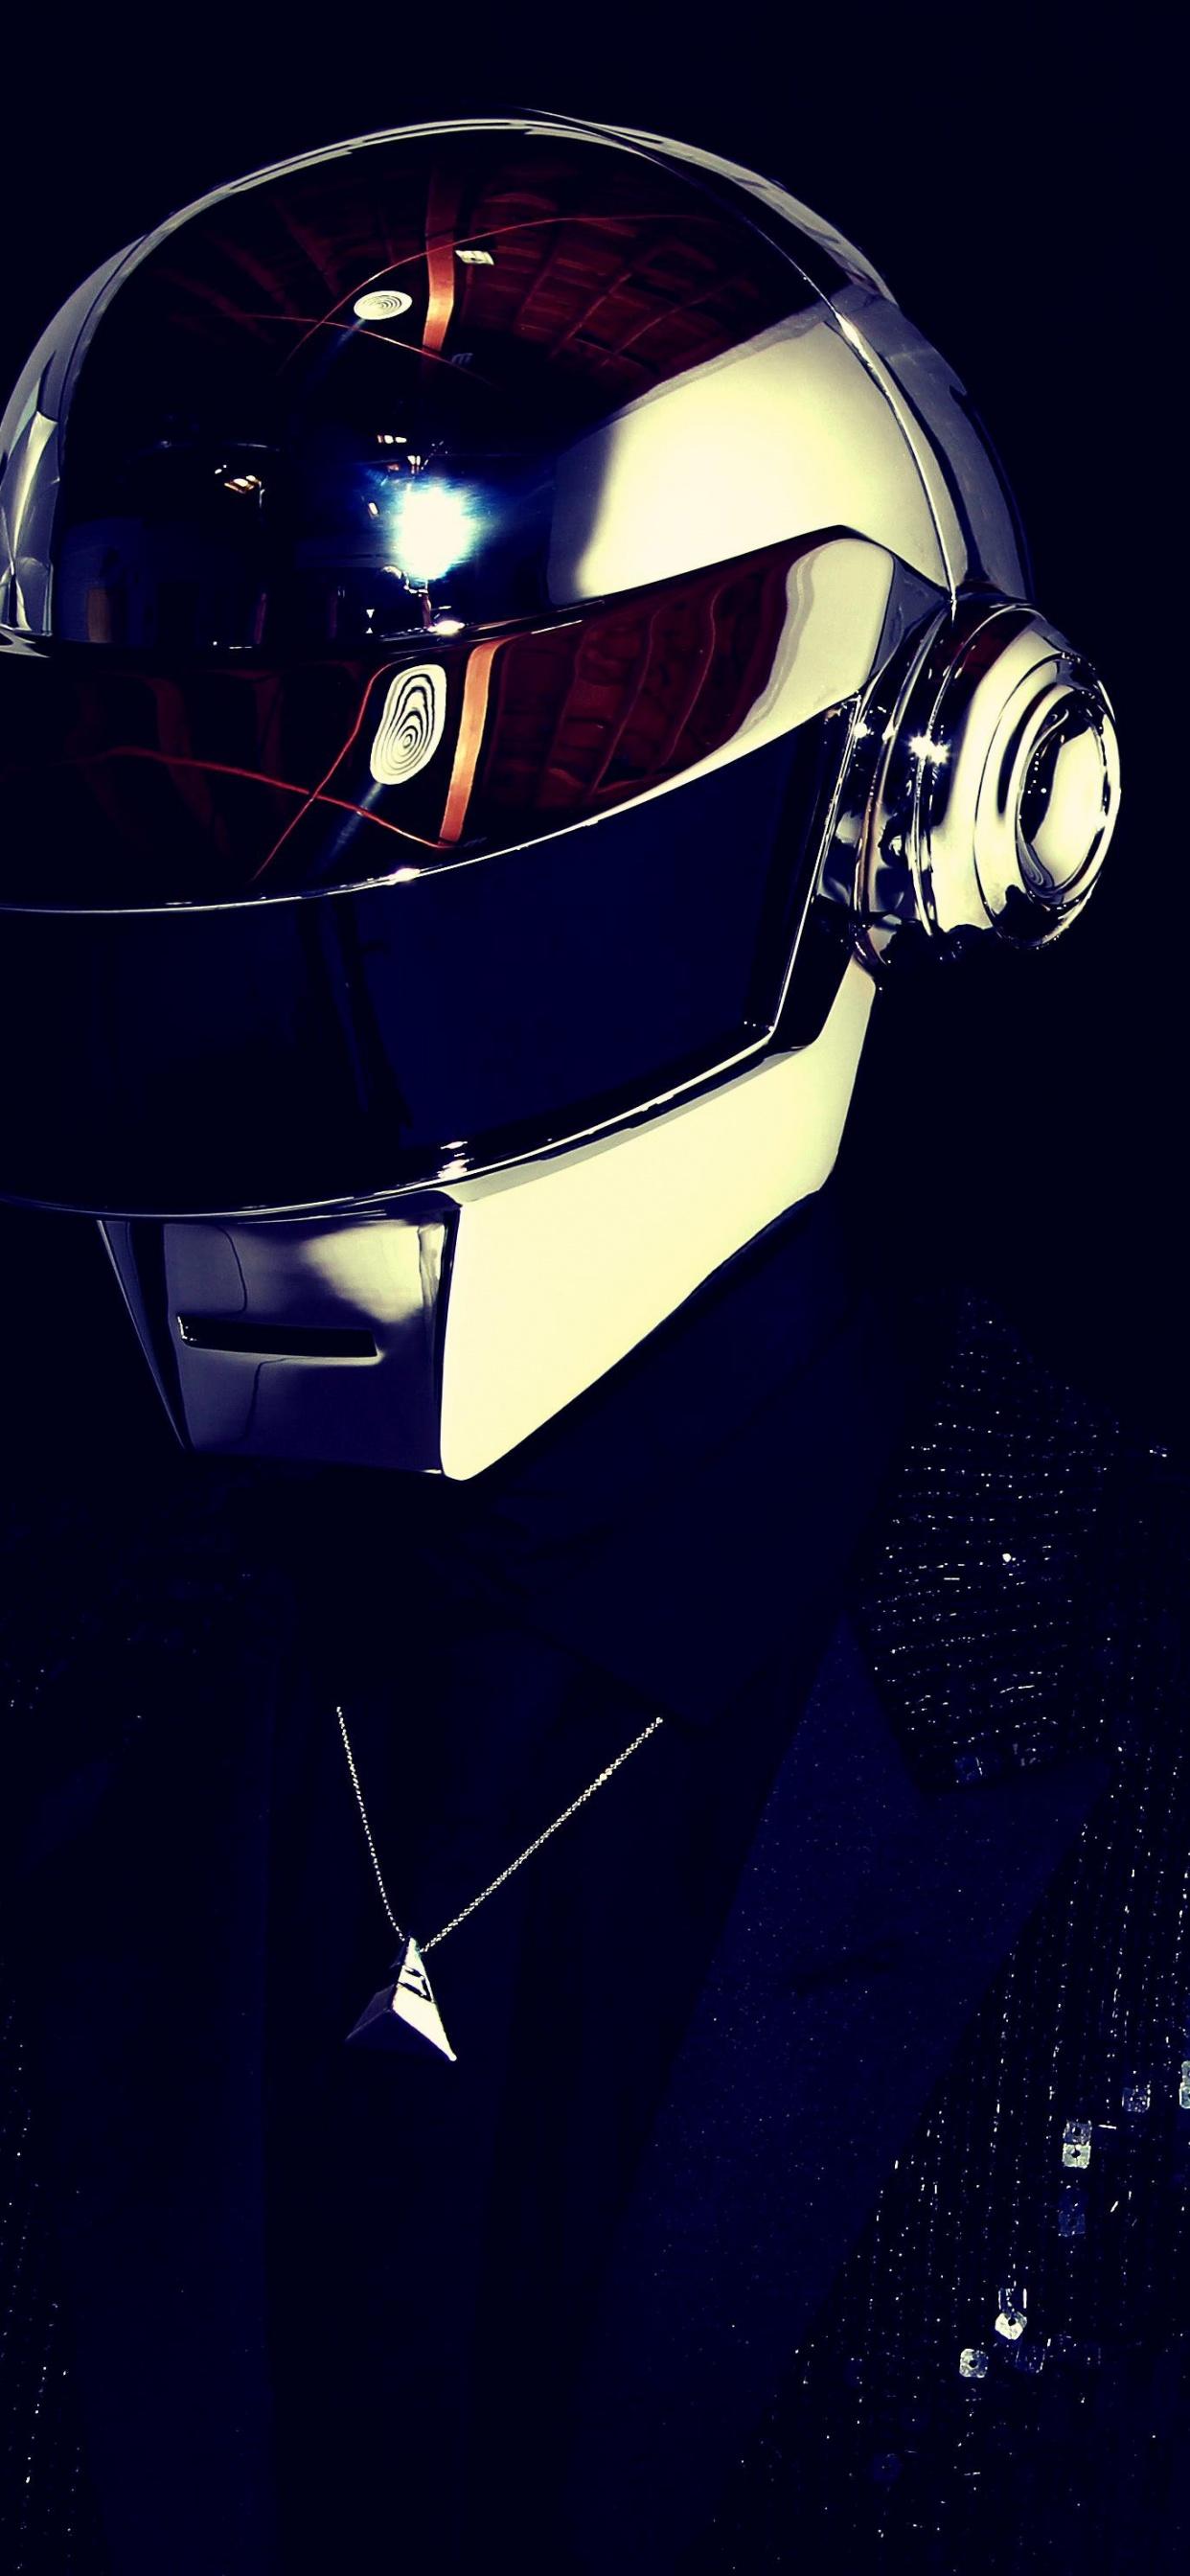 Daft Punk 4K Wallpaper, Electronic music duo, Black ...